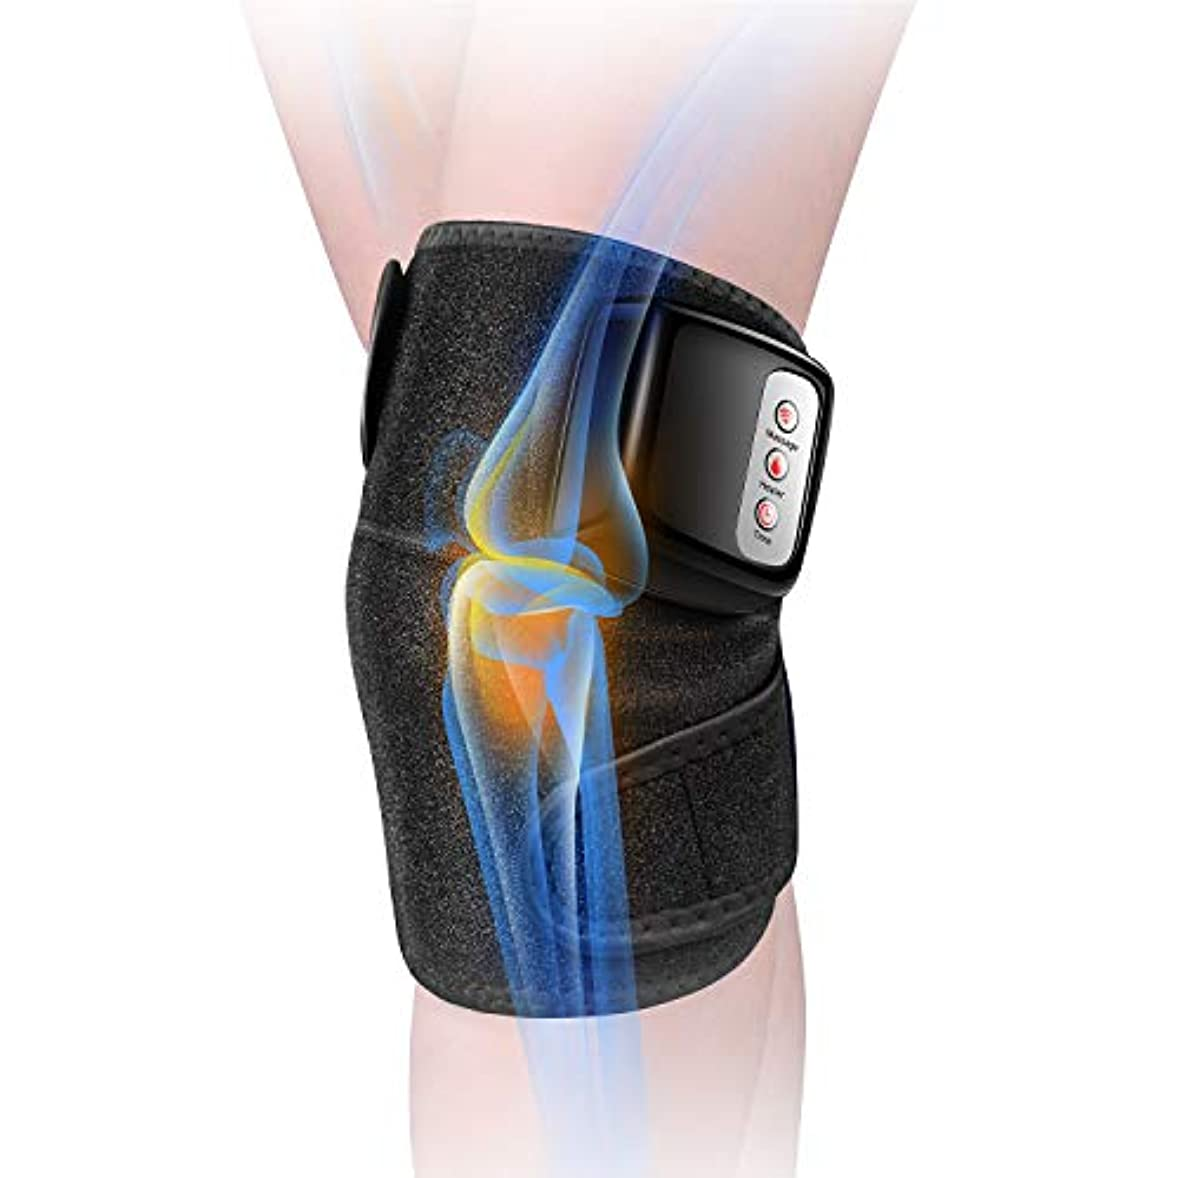 最悪ボードドラマ膝マッサージャー 関節マッサージャー マッサージ器 フットマッサージャー 振動 赤外線療法 温熱療法 膝サポーター ストレス解消 肩 太もも/腕対応